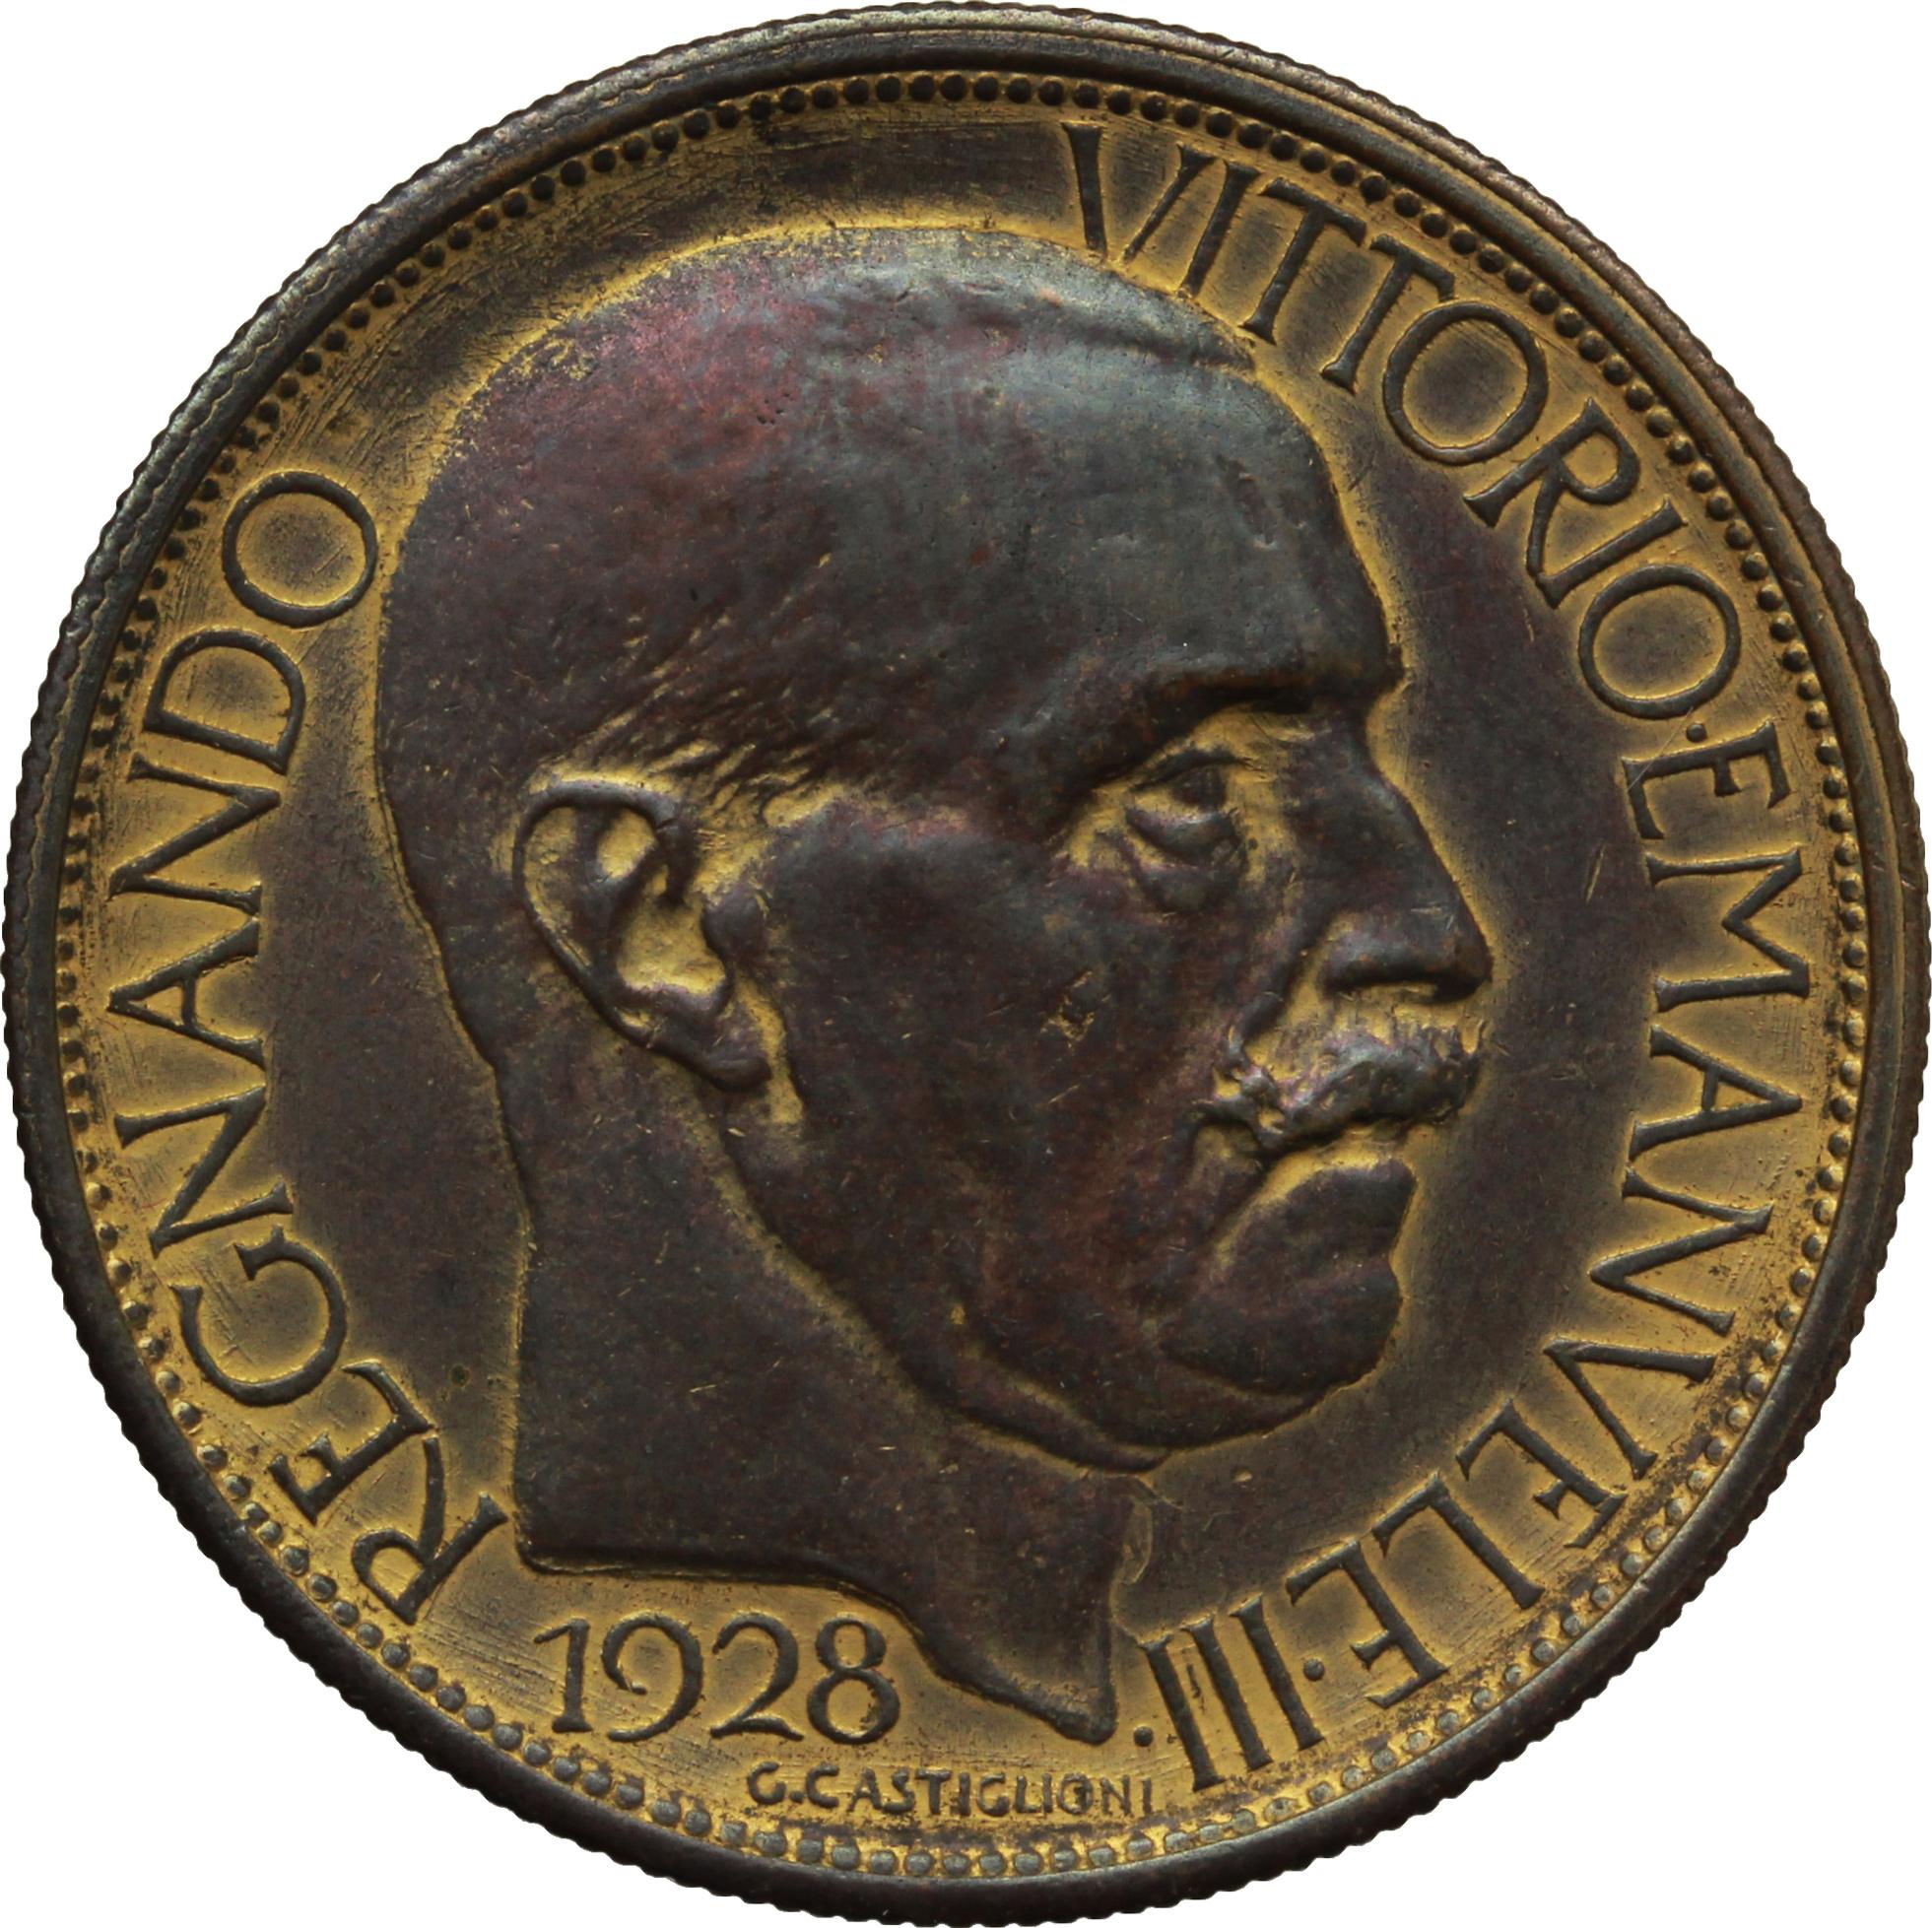 4aa2871c6e Lot 832 - Regno di Italia. Vittorio Emanuele III (1900-1943 ...